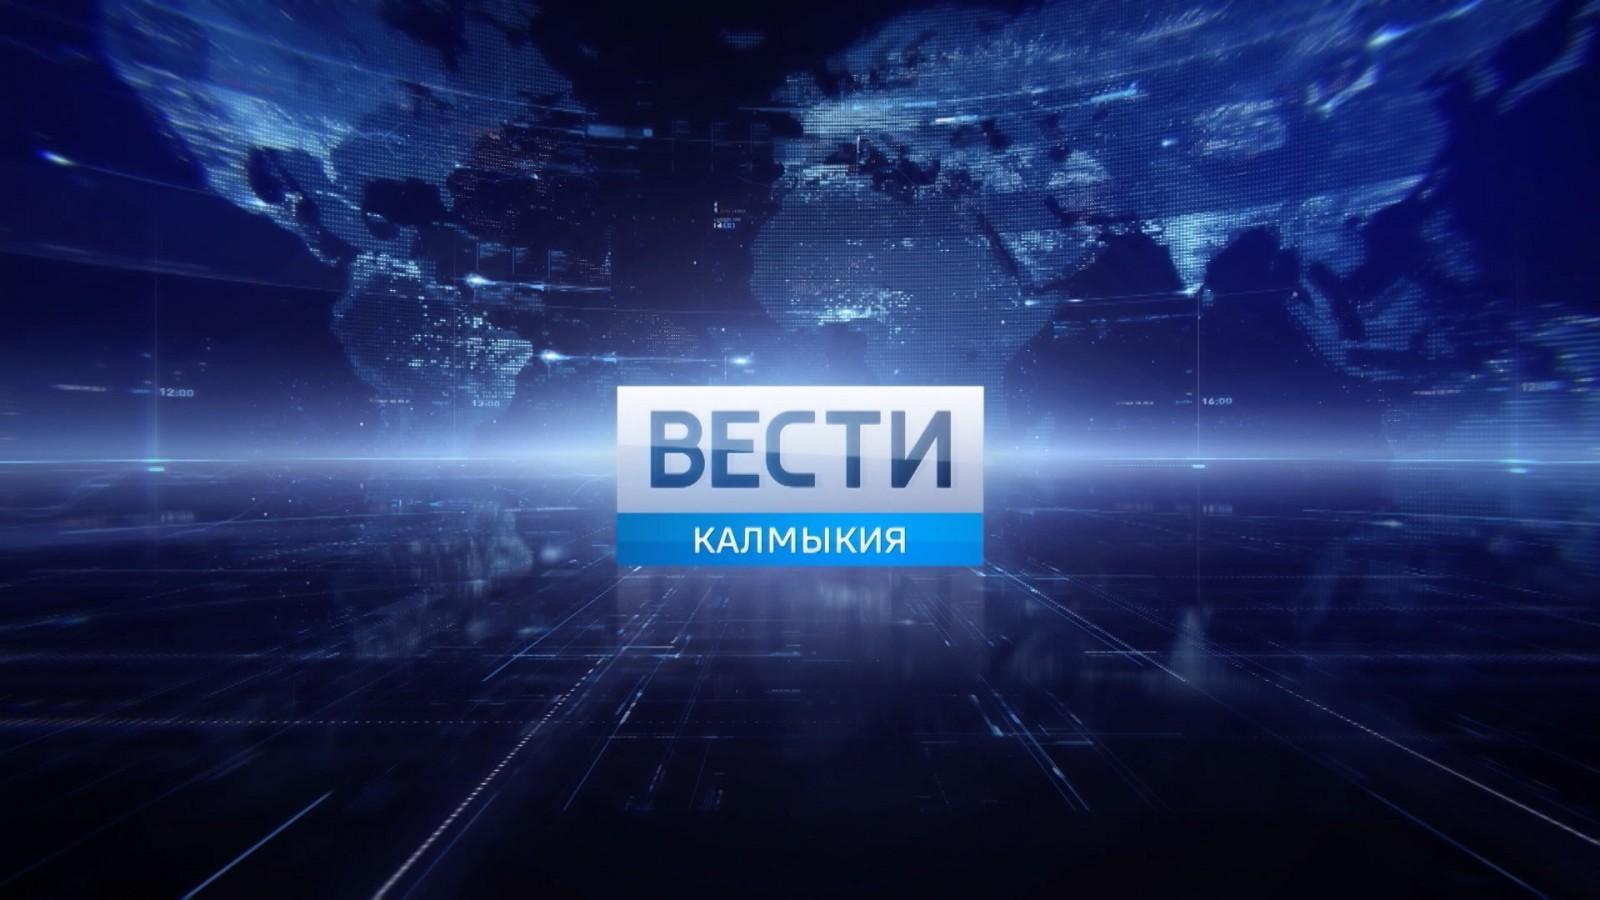 Уроженцы Калмыкии - тренеры сборной России по борьбе, художественной гимнастике и гандболу